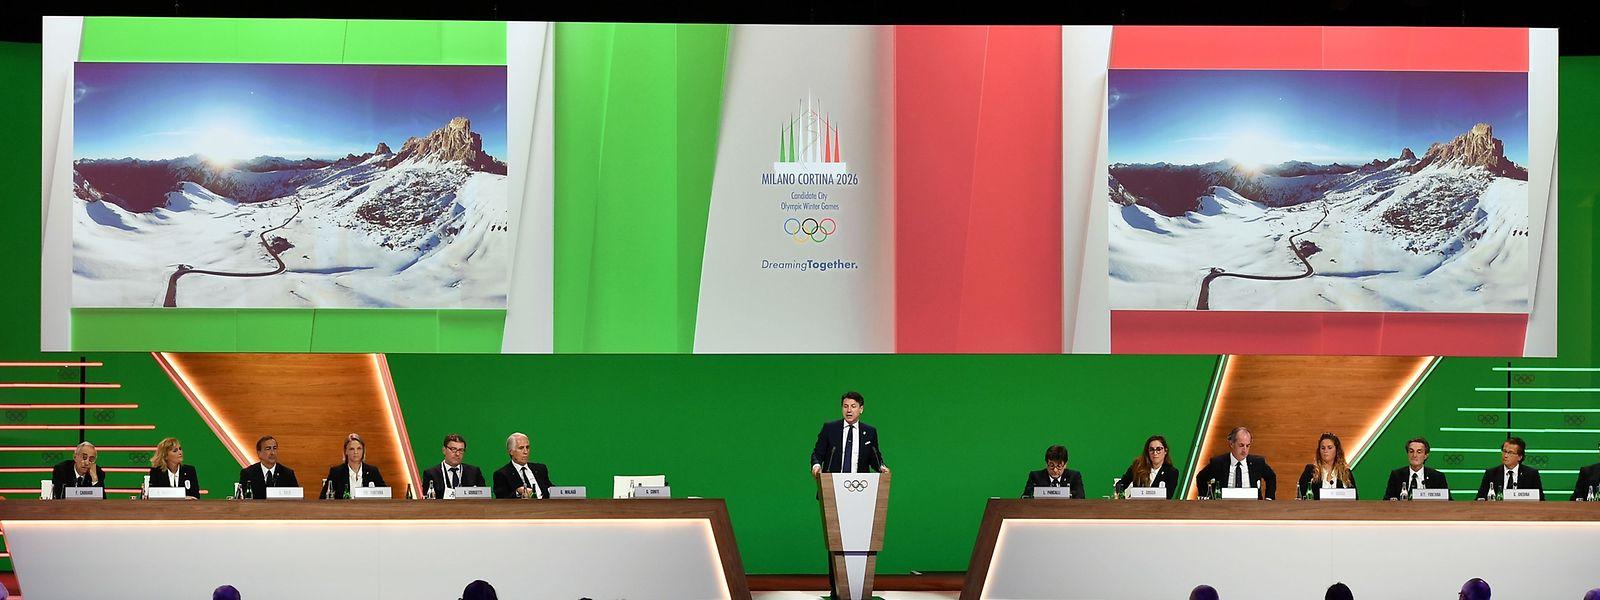 Le Premier ministre italien Giuseppe Conte a apporté tout son soutien au dossier.